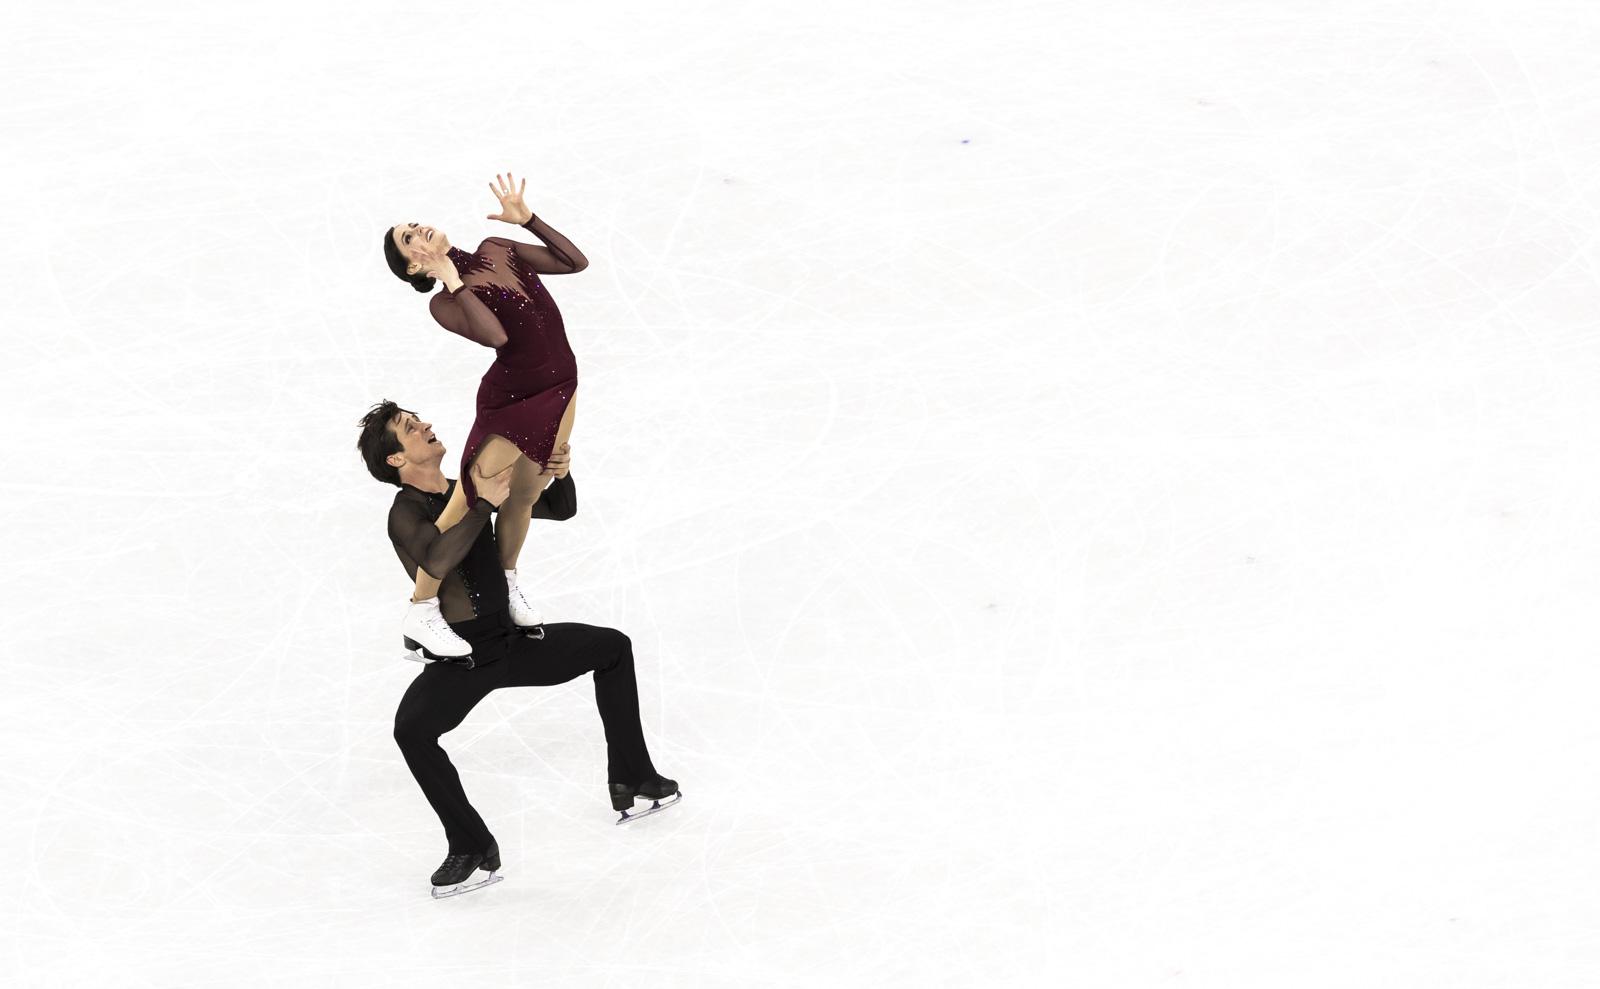 Tessa Virtue et Scott Moir patinent vers l'or en danse sur glace aux Jeux olympiques de PyeongChang, le 20 février 2018.(Photo : COC/Stephen Hosier)